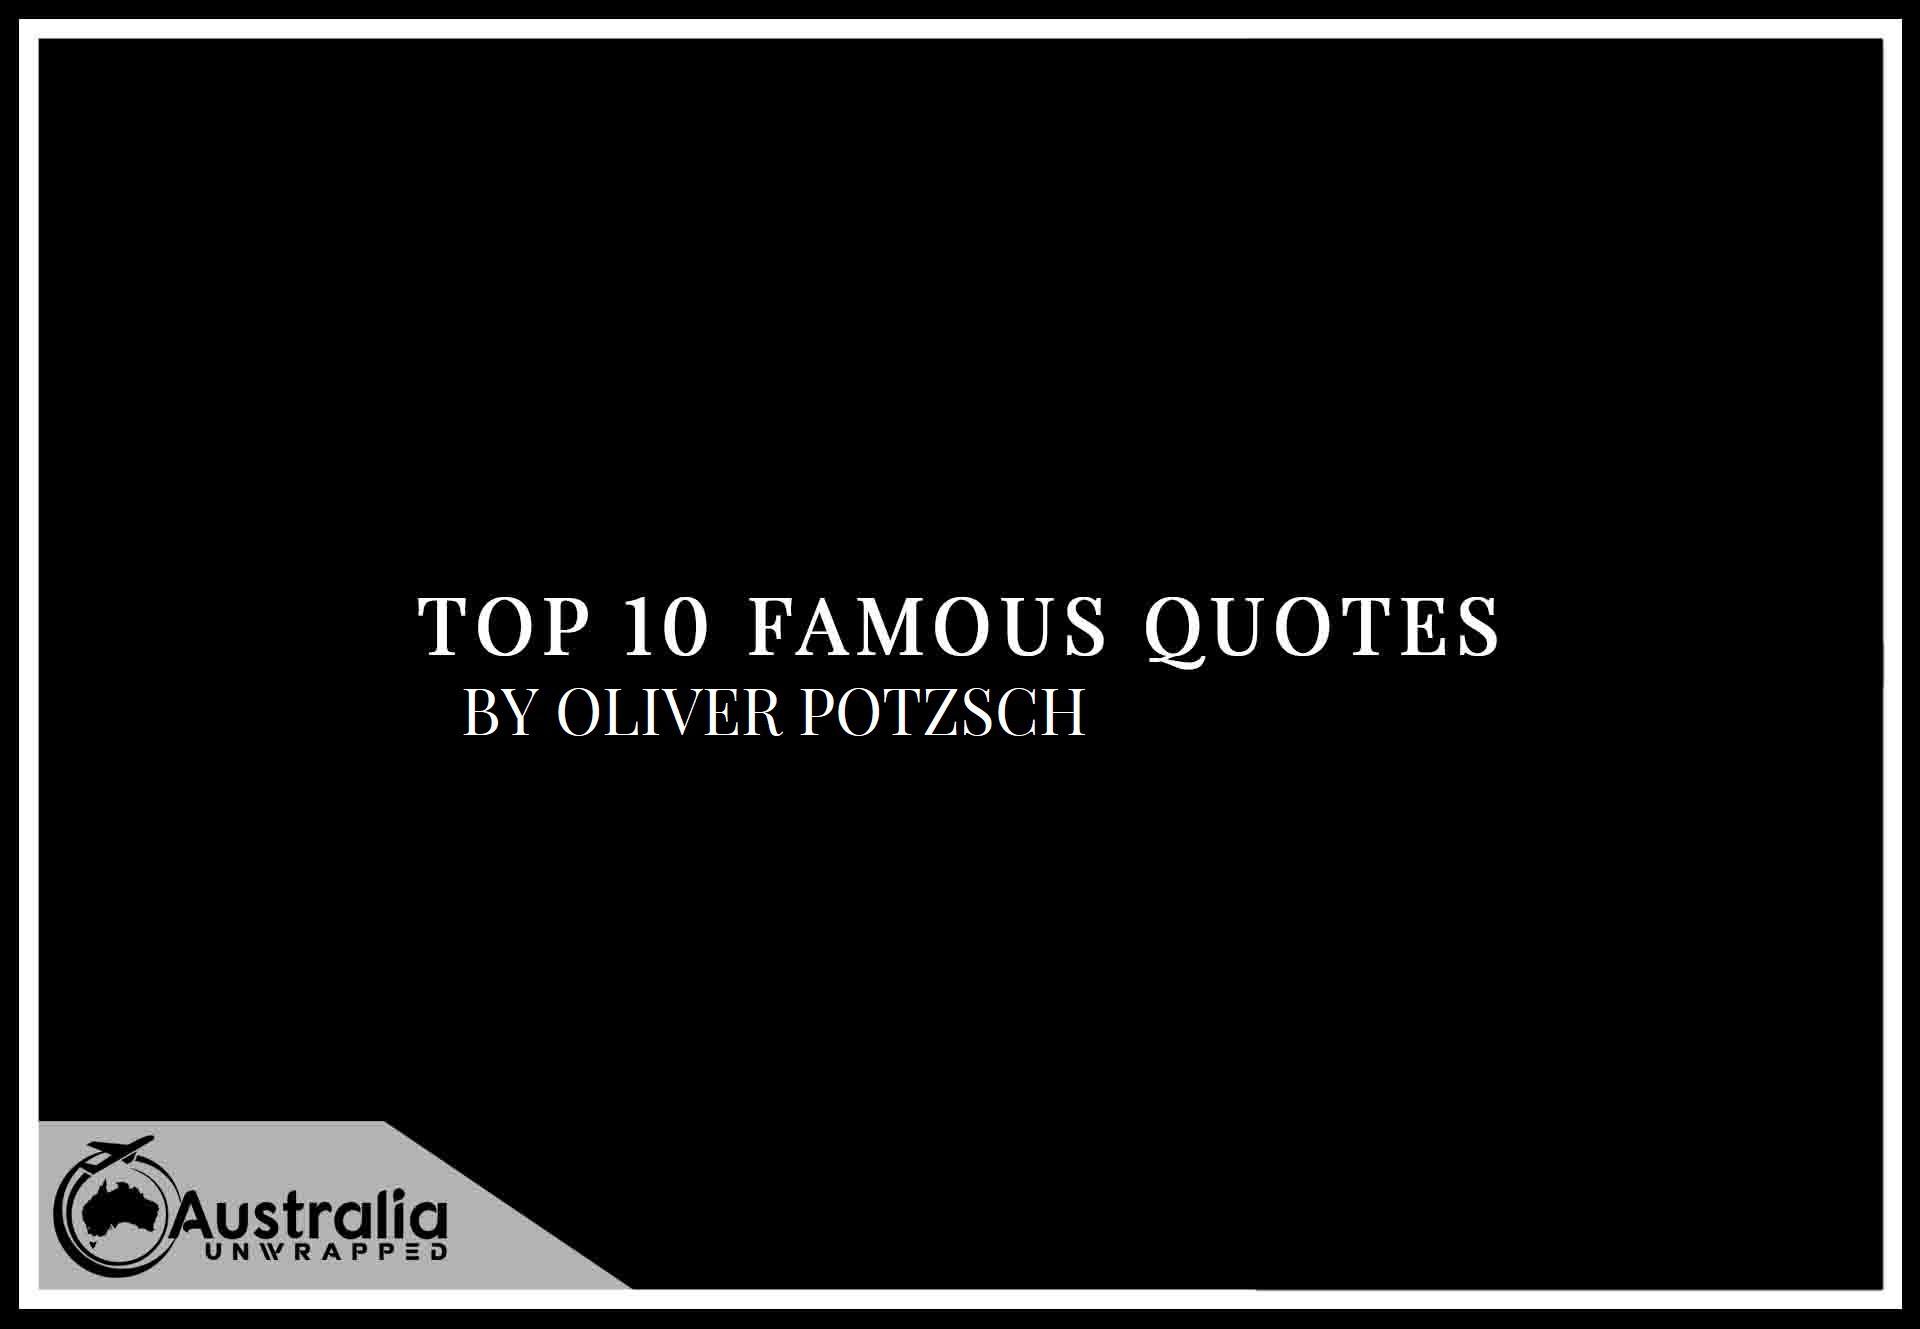 Top 10 Famous Quotes by Author Oliver Potzsch